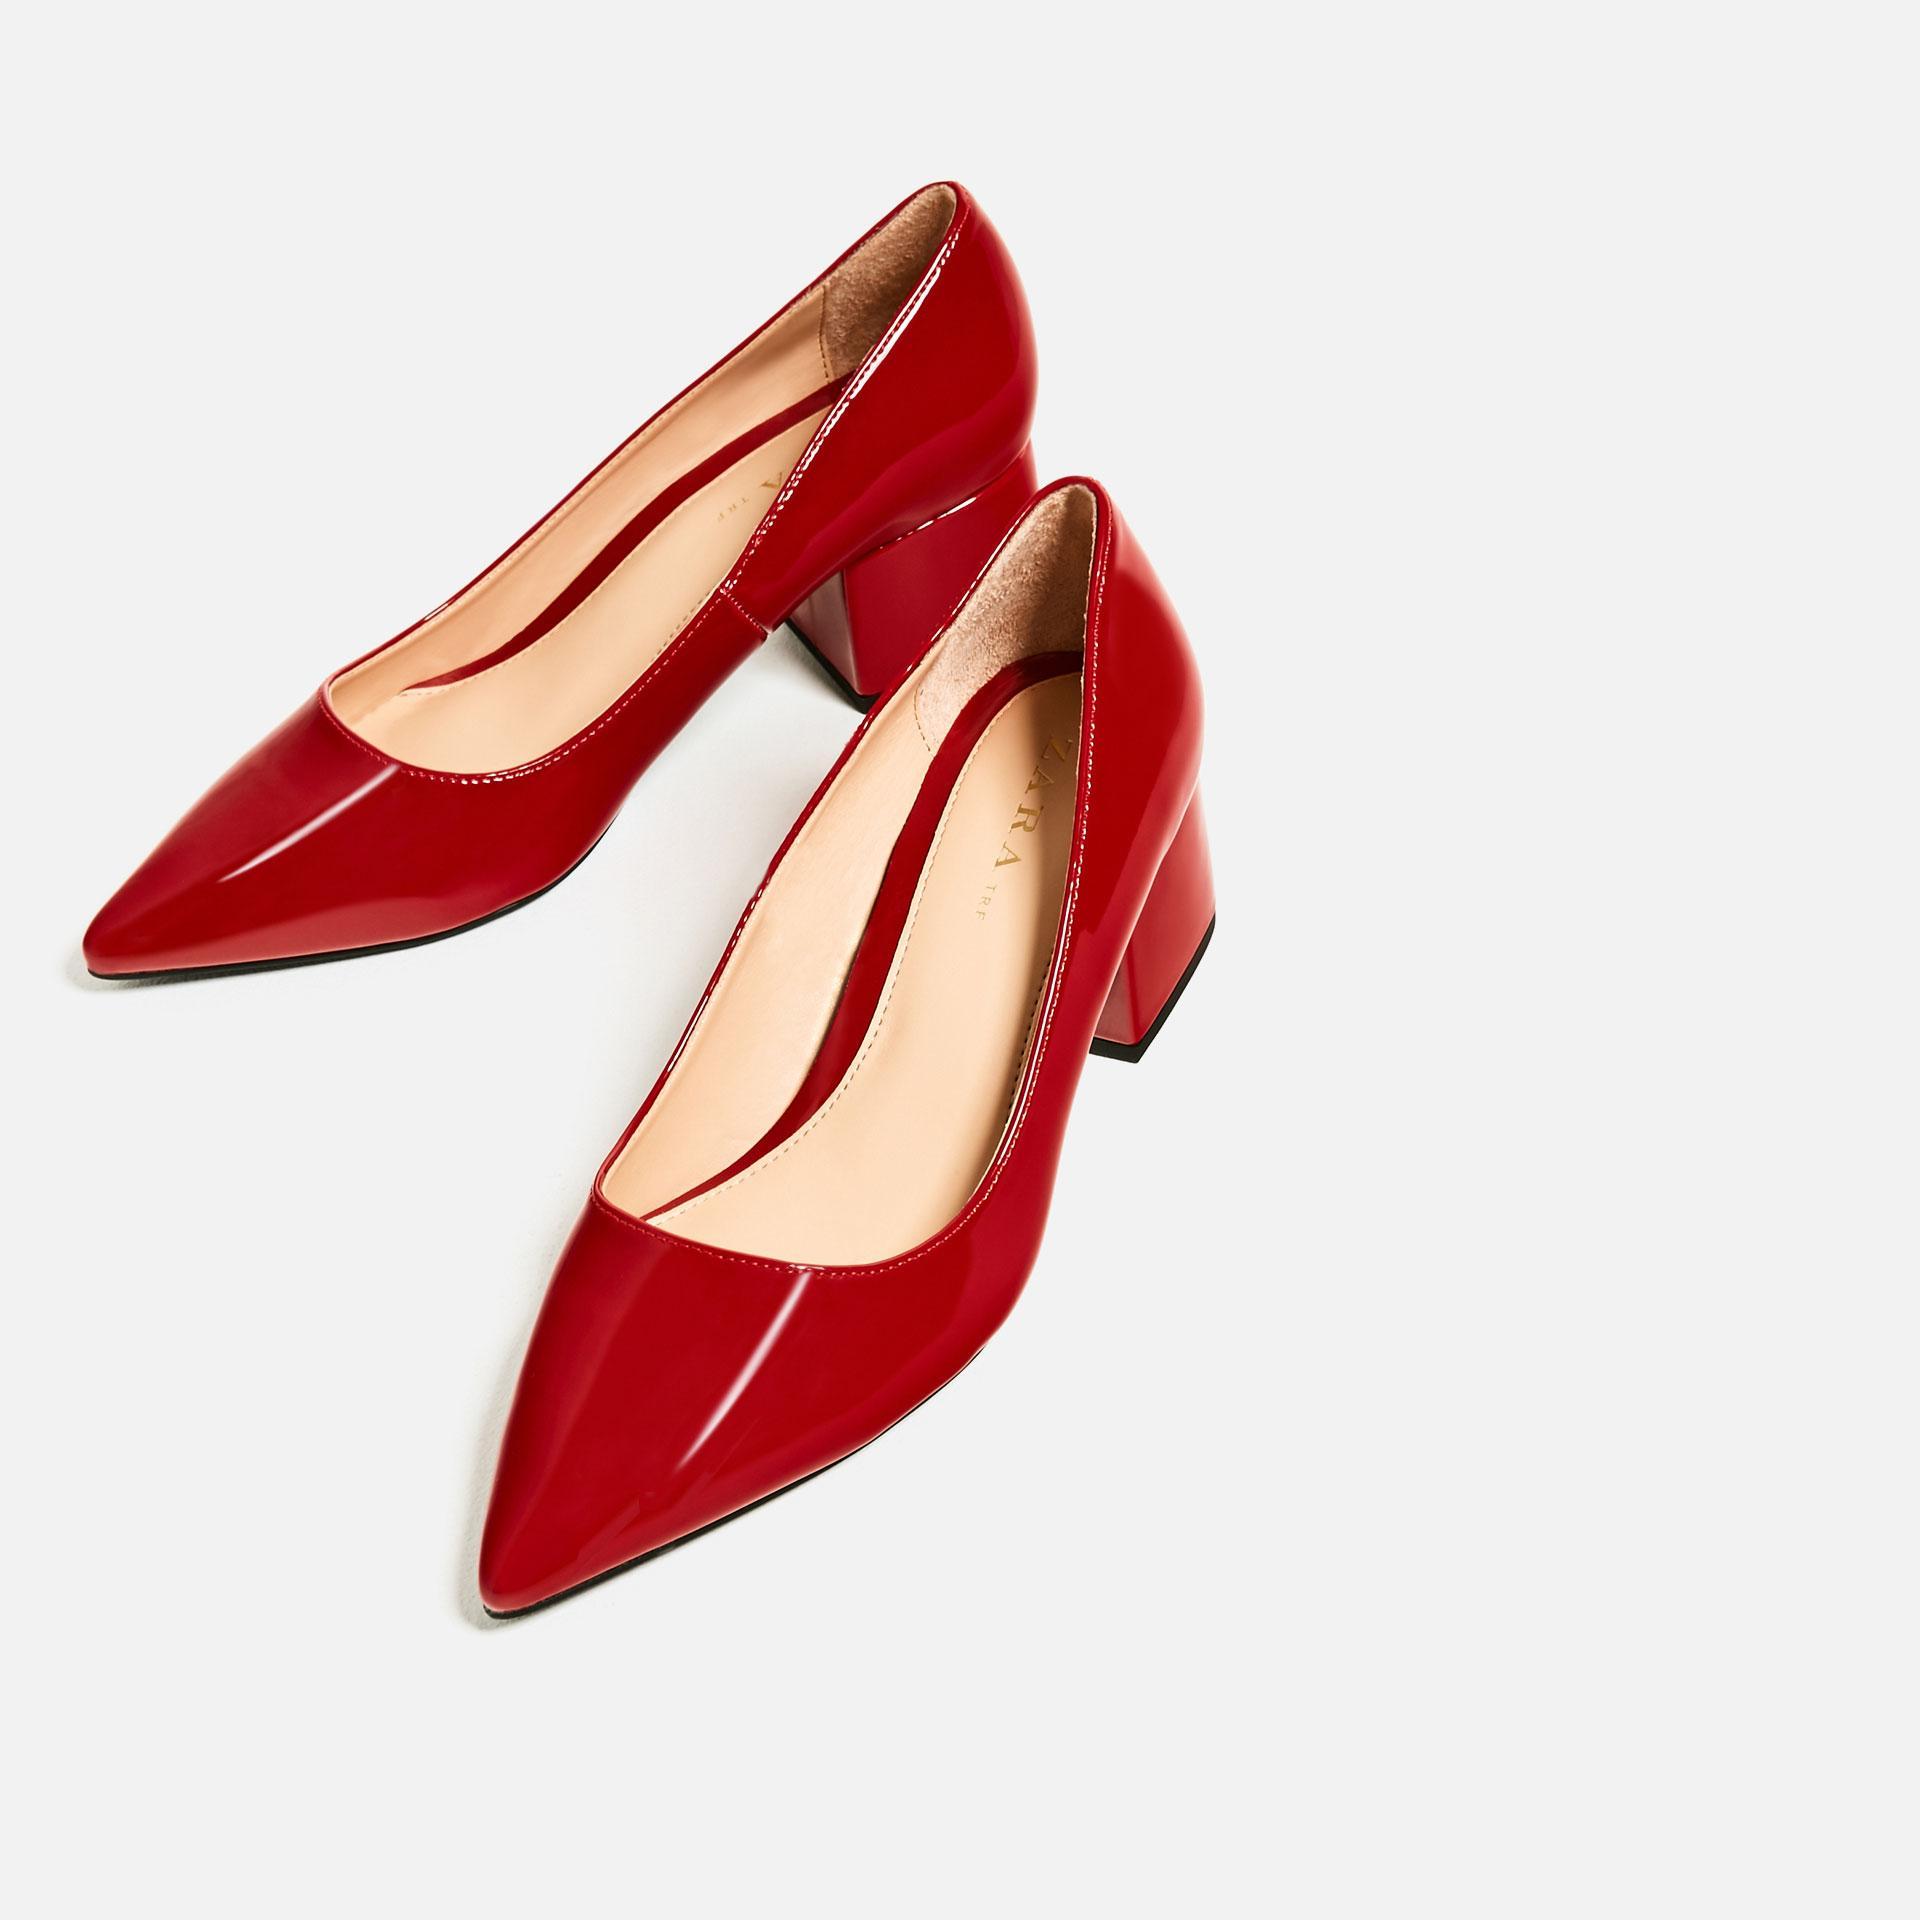 Zara Wide Medium Heel Shoes   Red